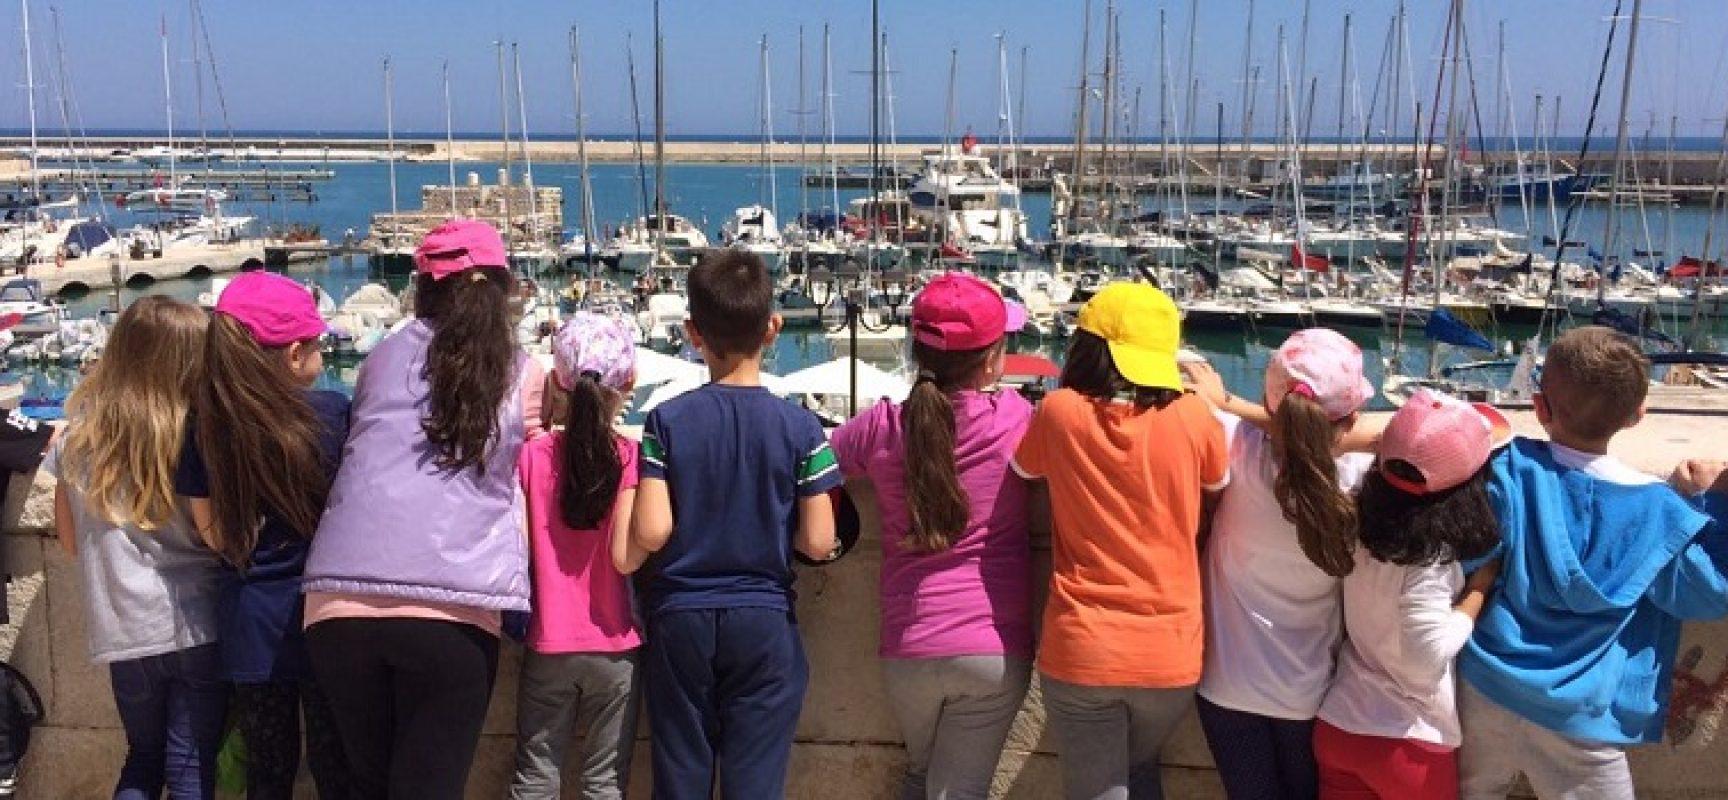 Comune avvia mappatura centri estivi, obiettivo sostenere attività ludico-didattica dei minori